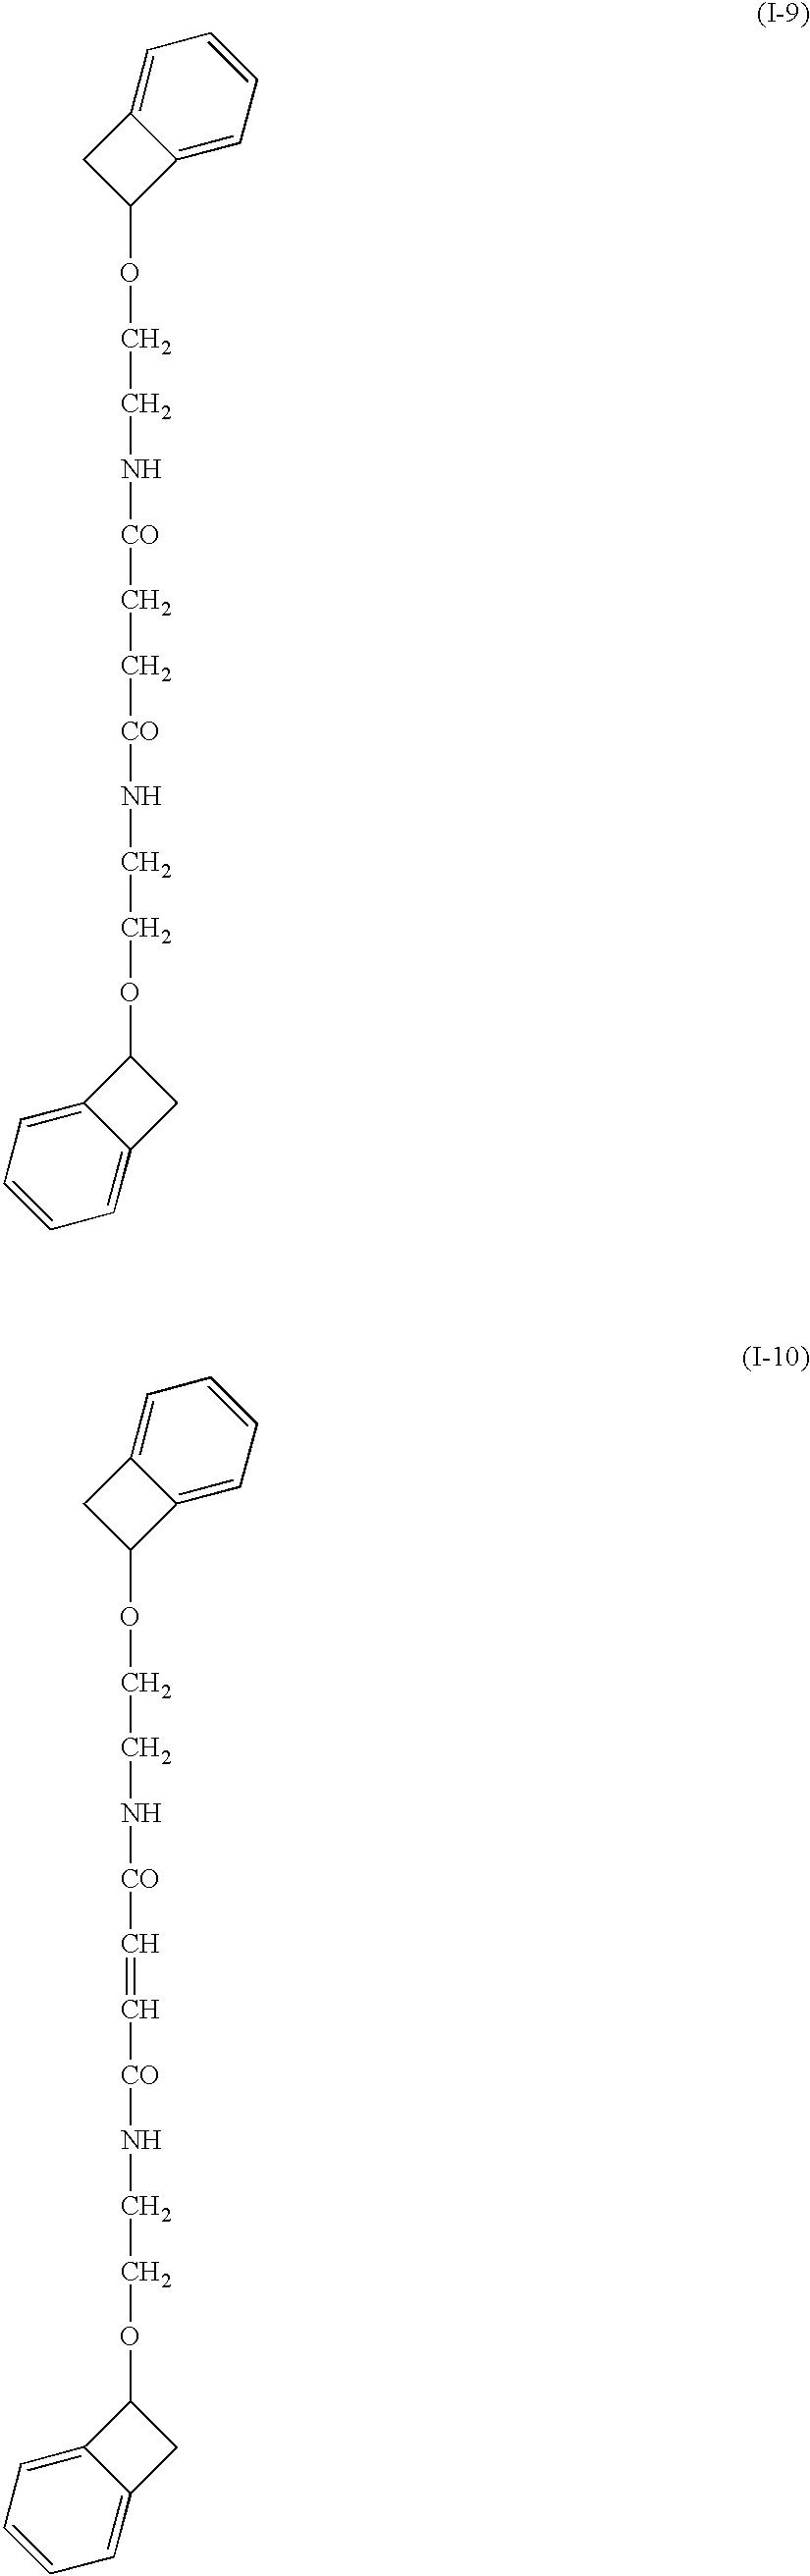 Figure US20030165778A1-20030904-C00010